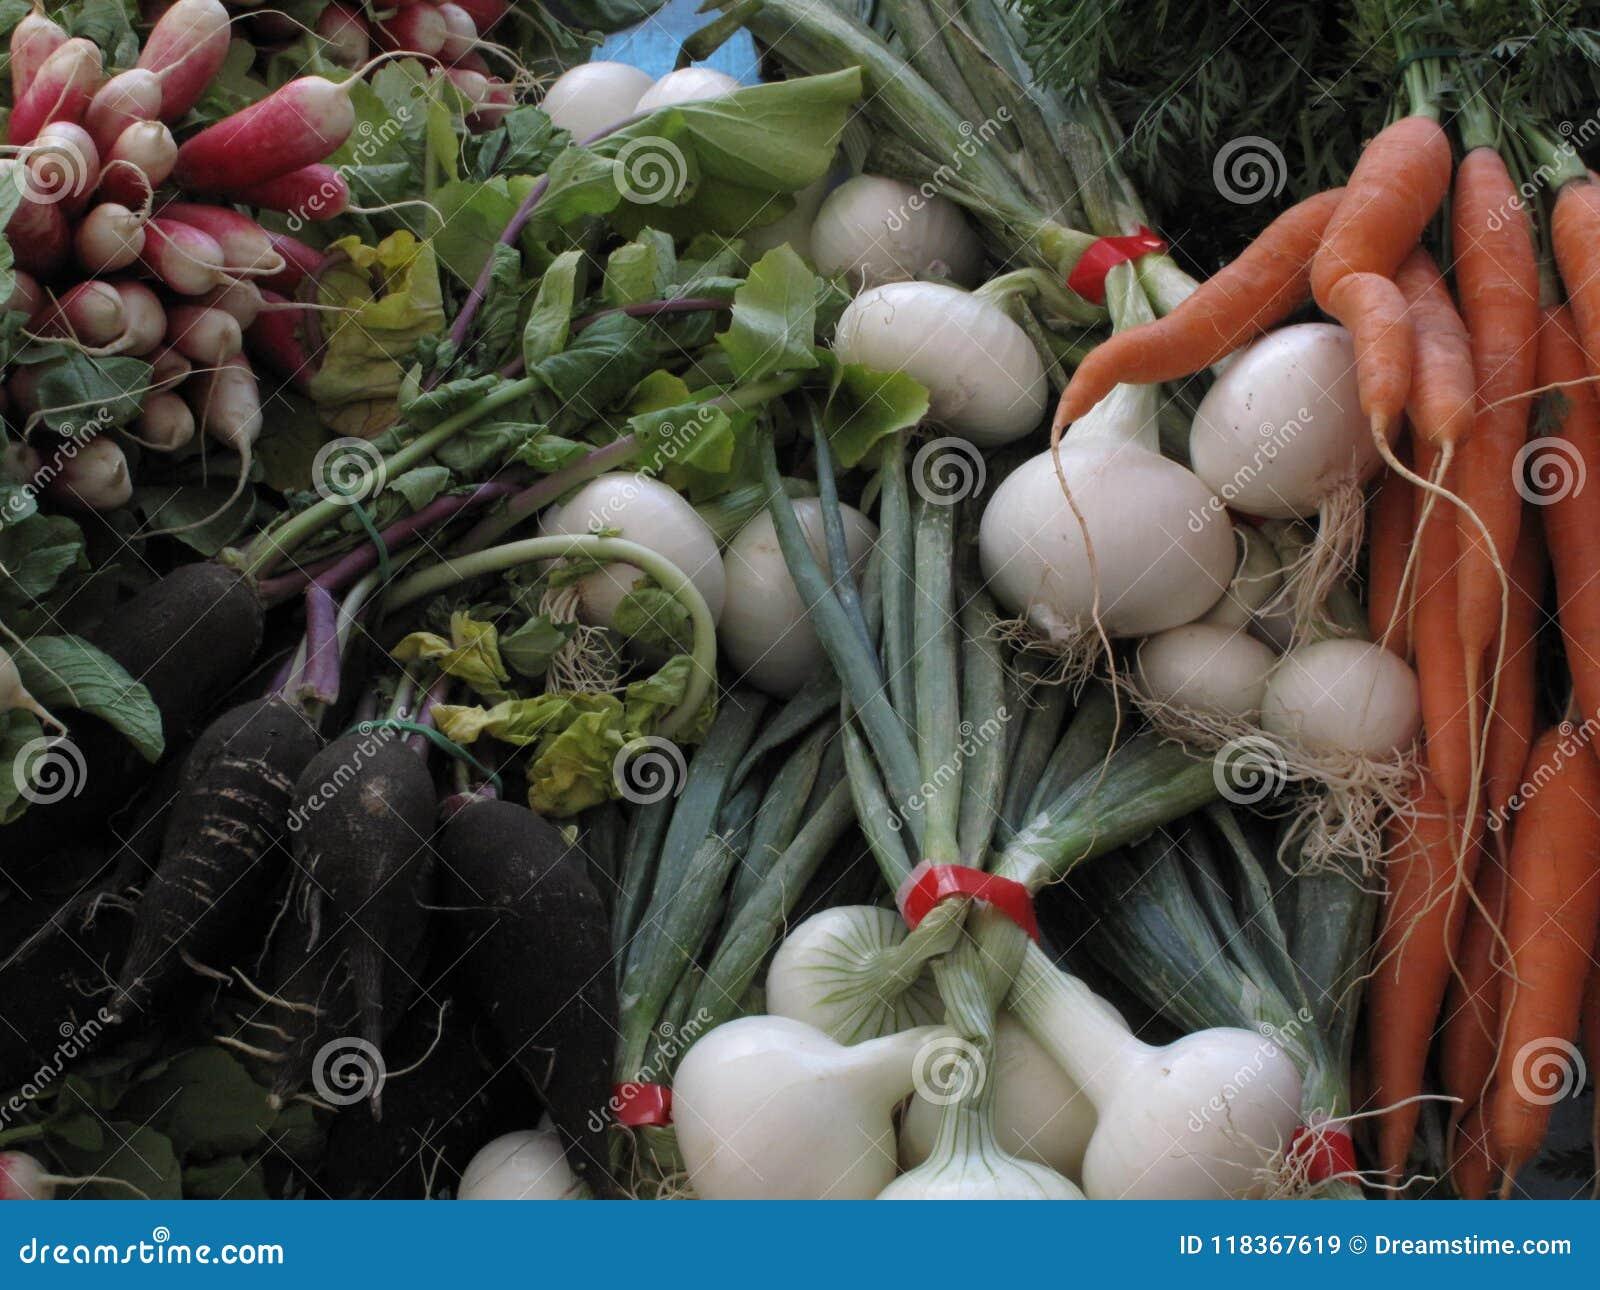 Les agriculteurs lancent les légumes sur le marché frais